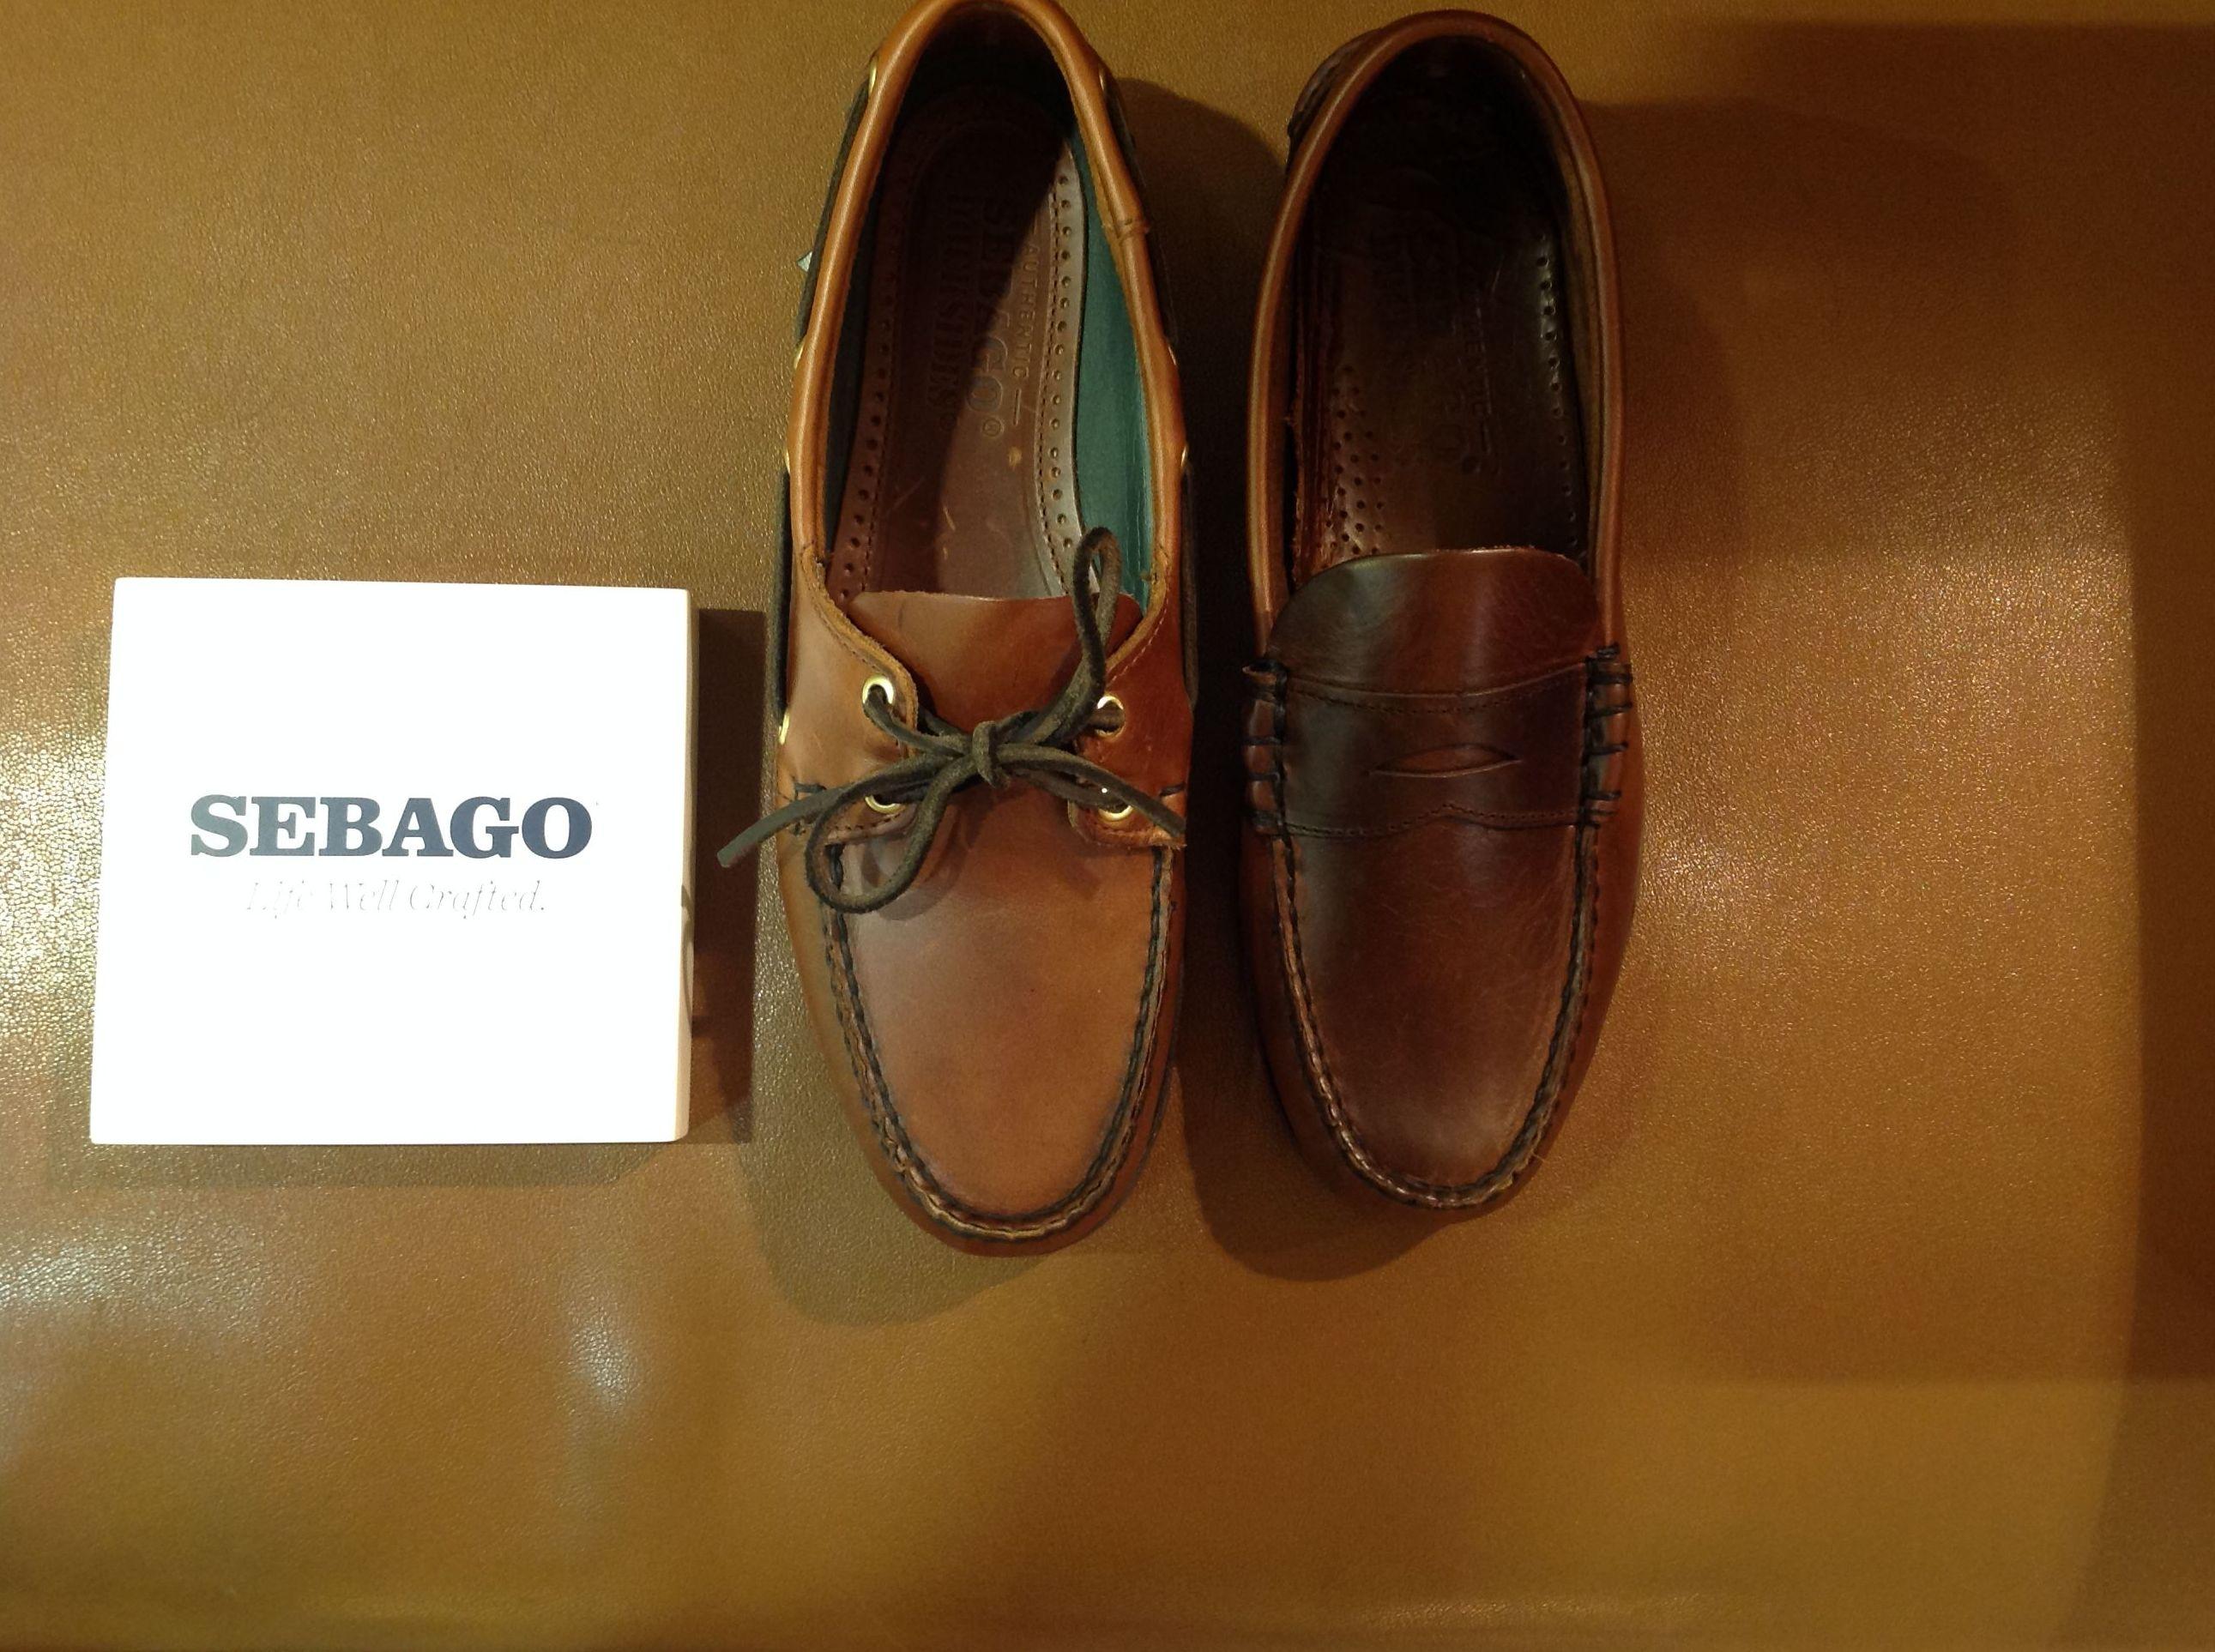 Zapatos Sebago en Tubet en el barrio de Salamanca en Madrid